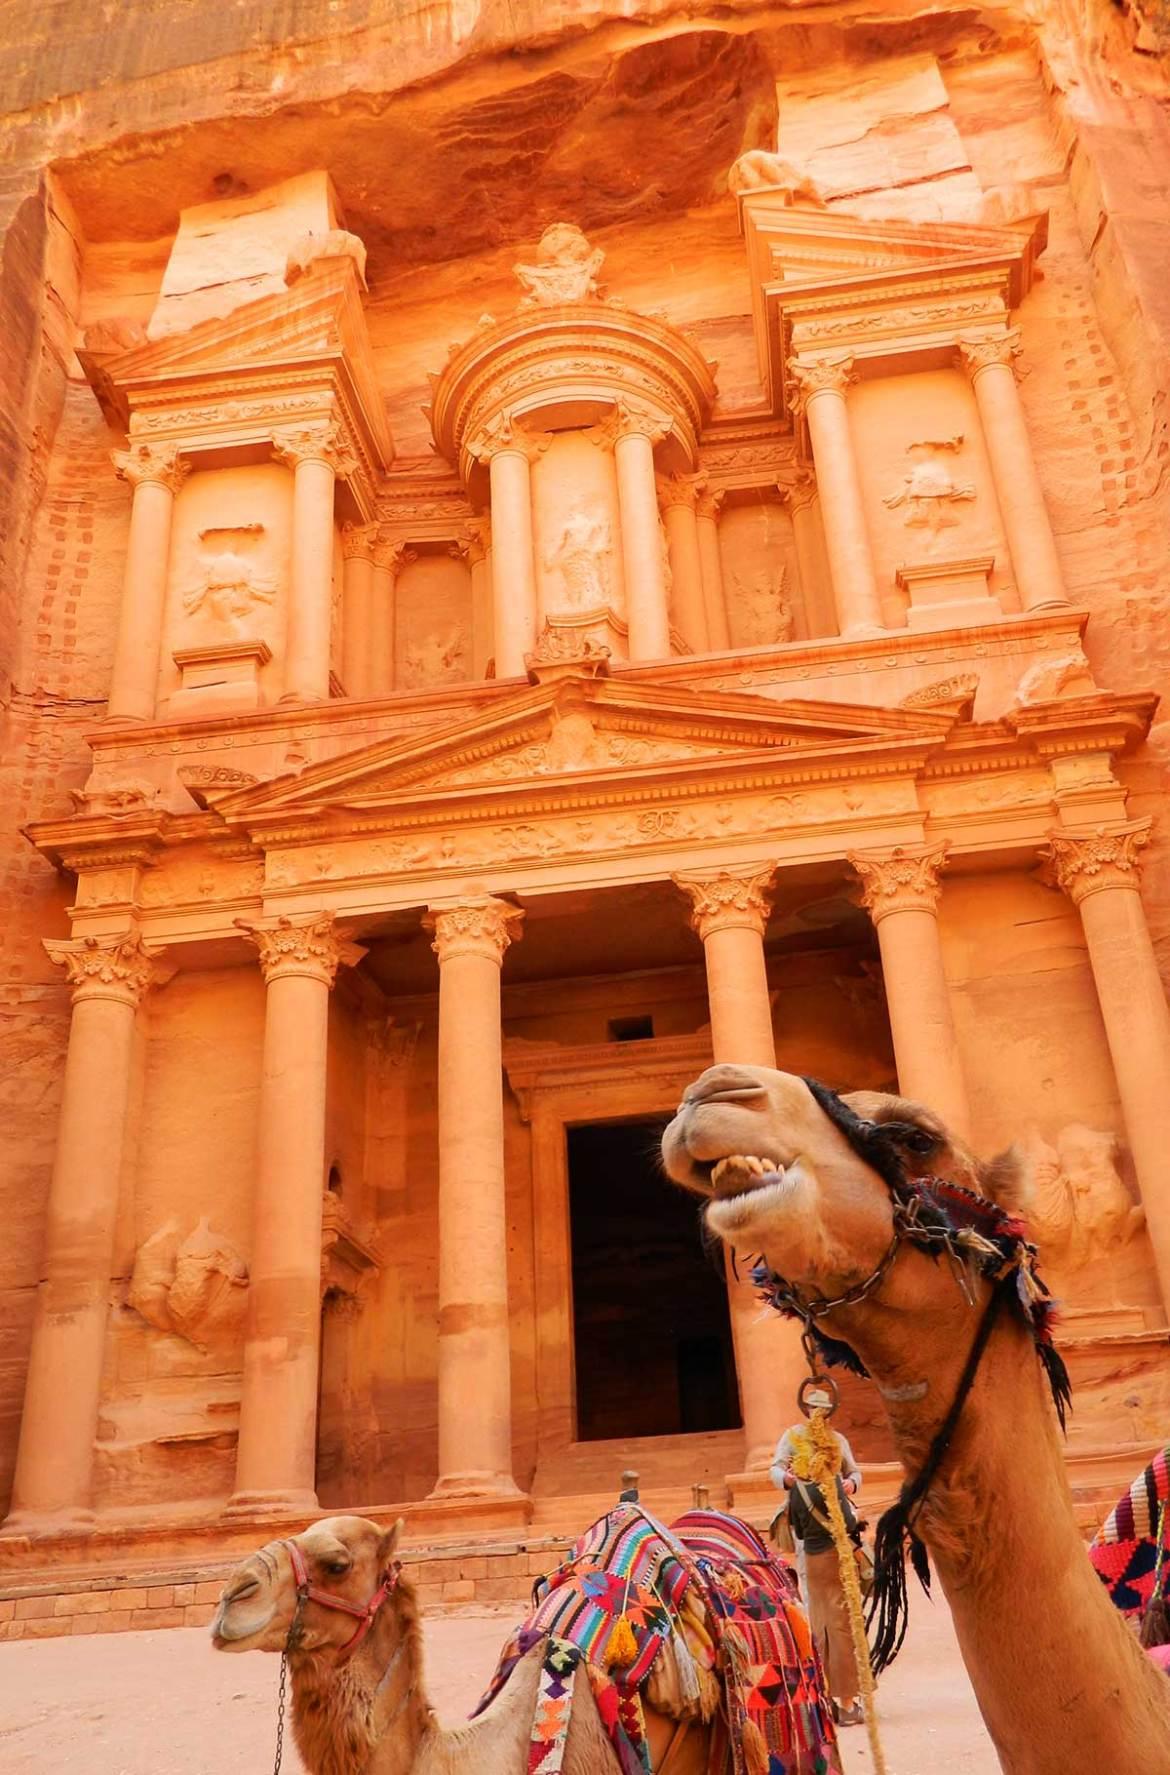 Fotos de viagem - Petra, Wadi Musa (Jordânia)